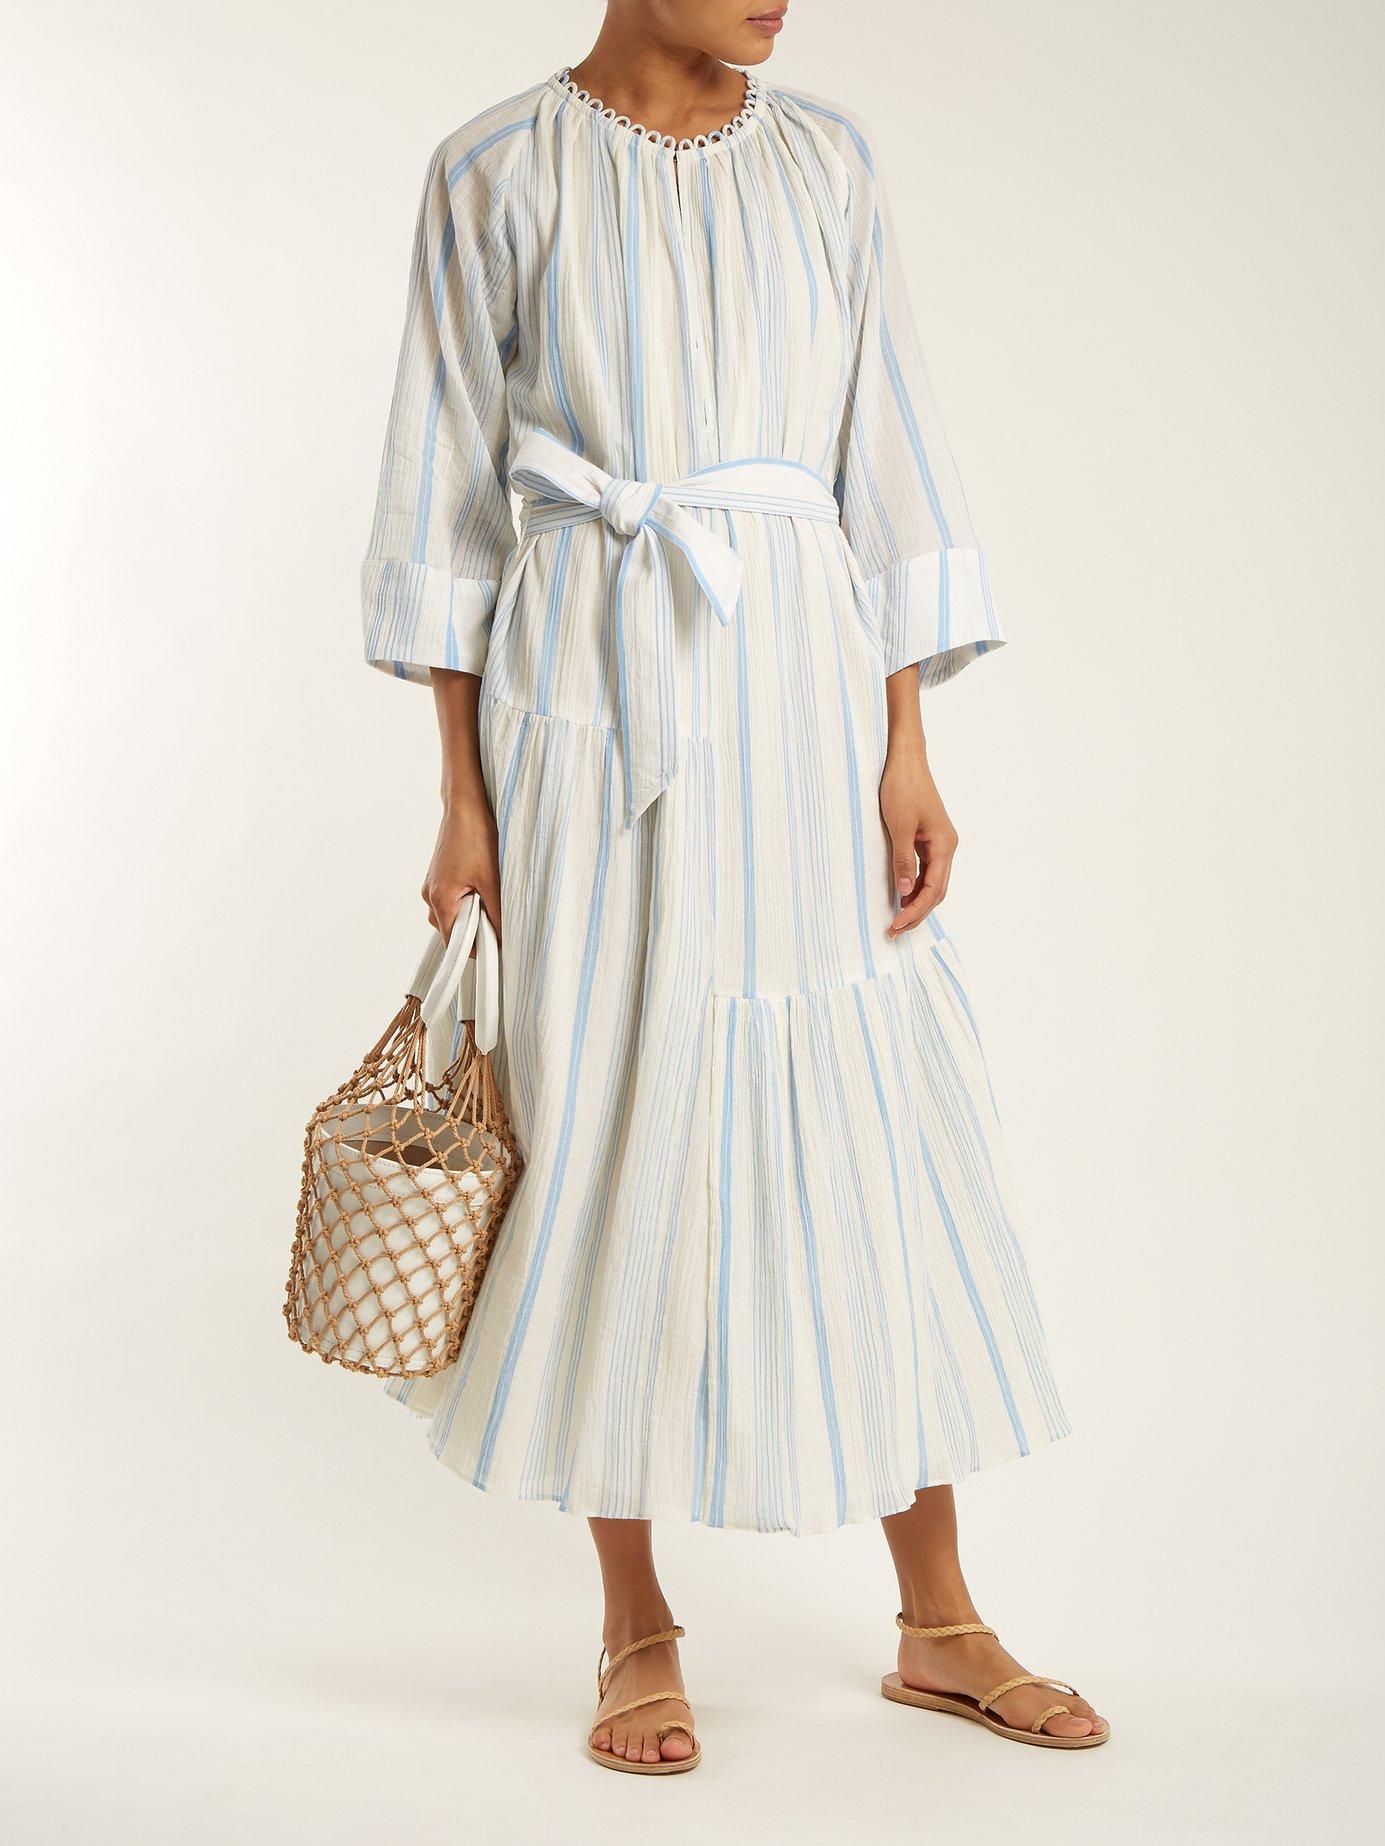 Stella striped cotton dress by Apiece Apart